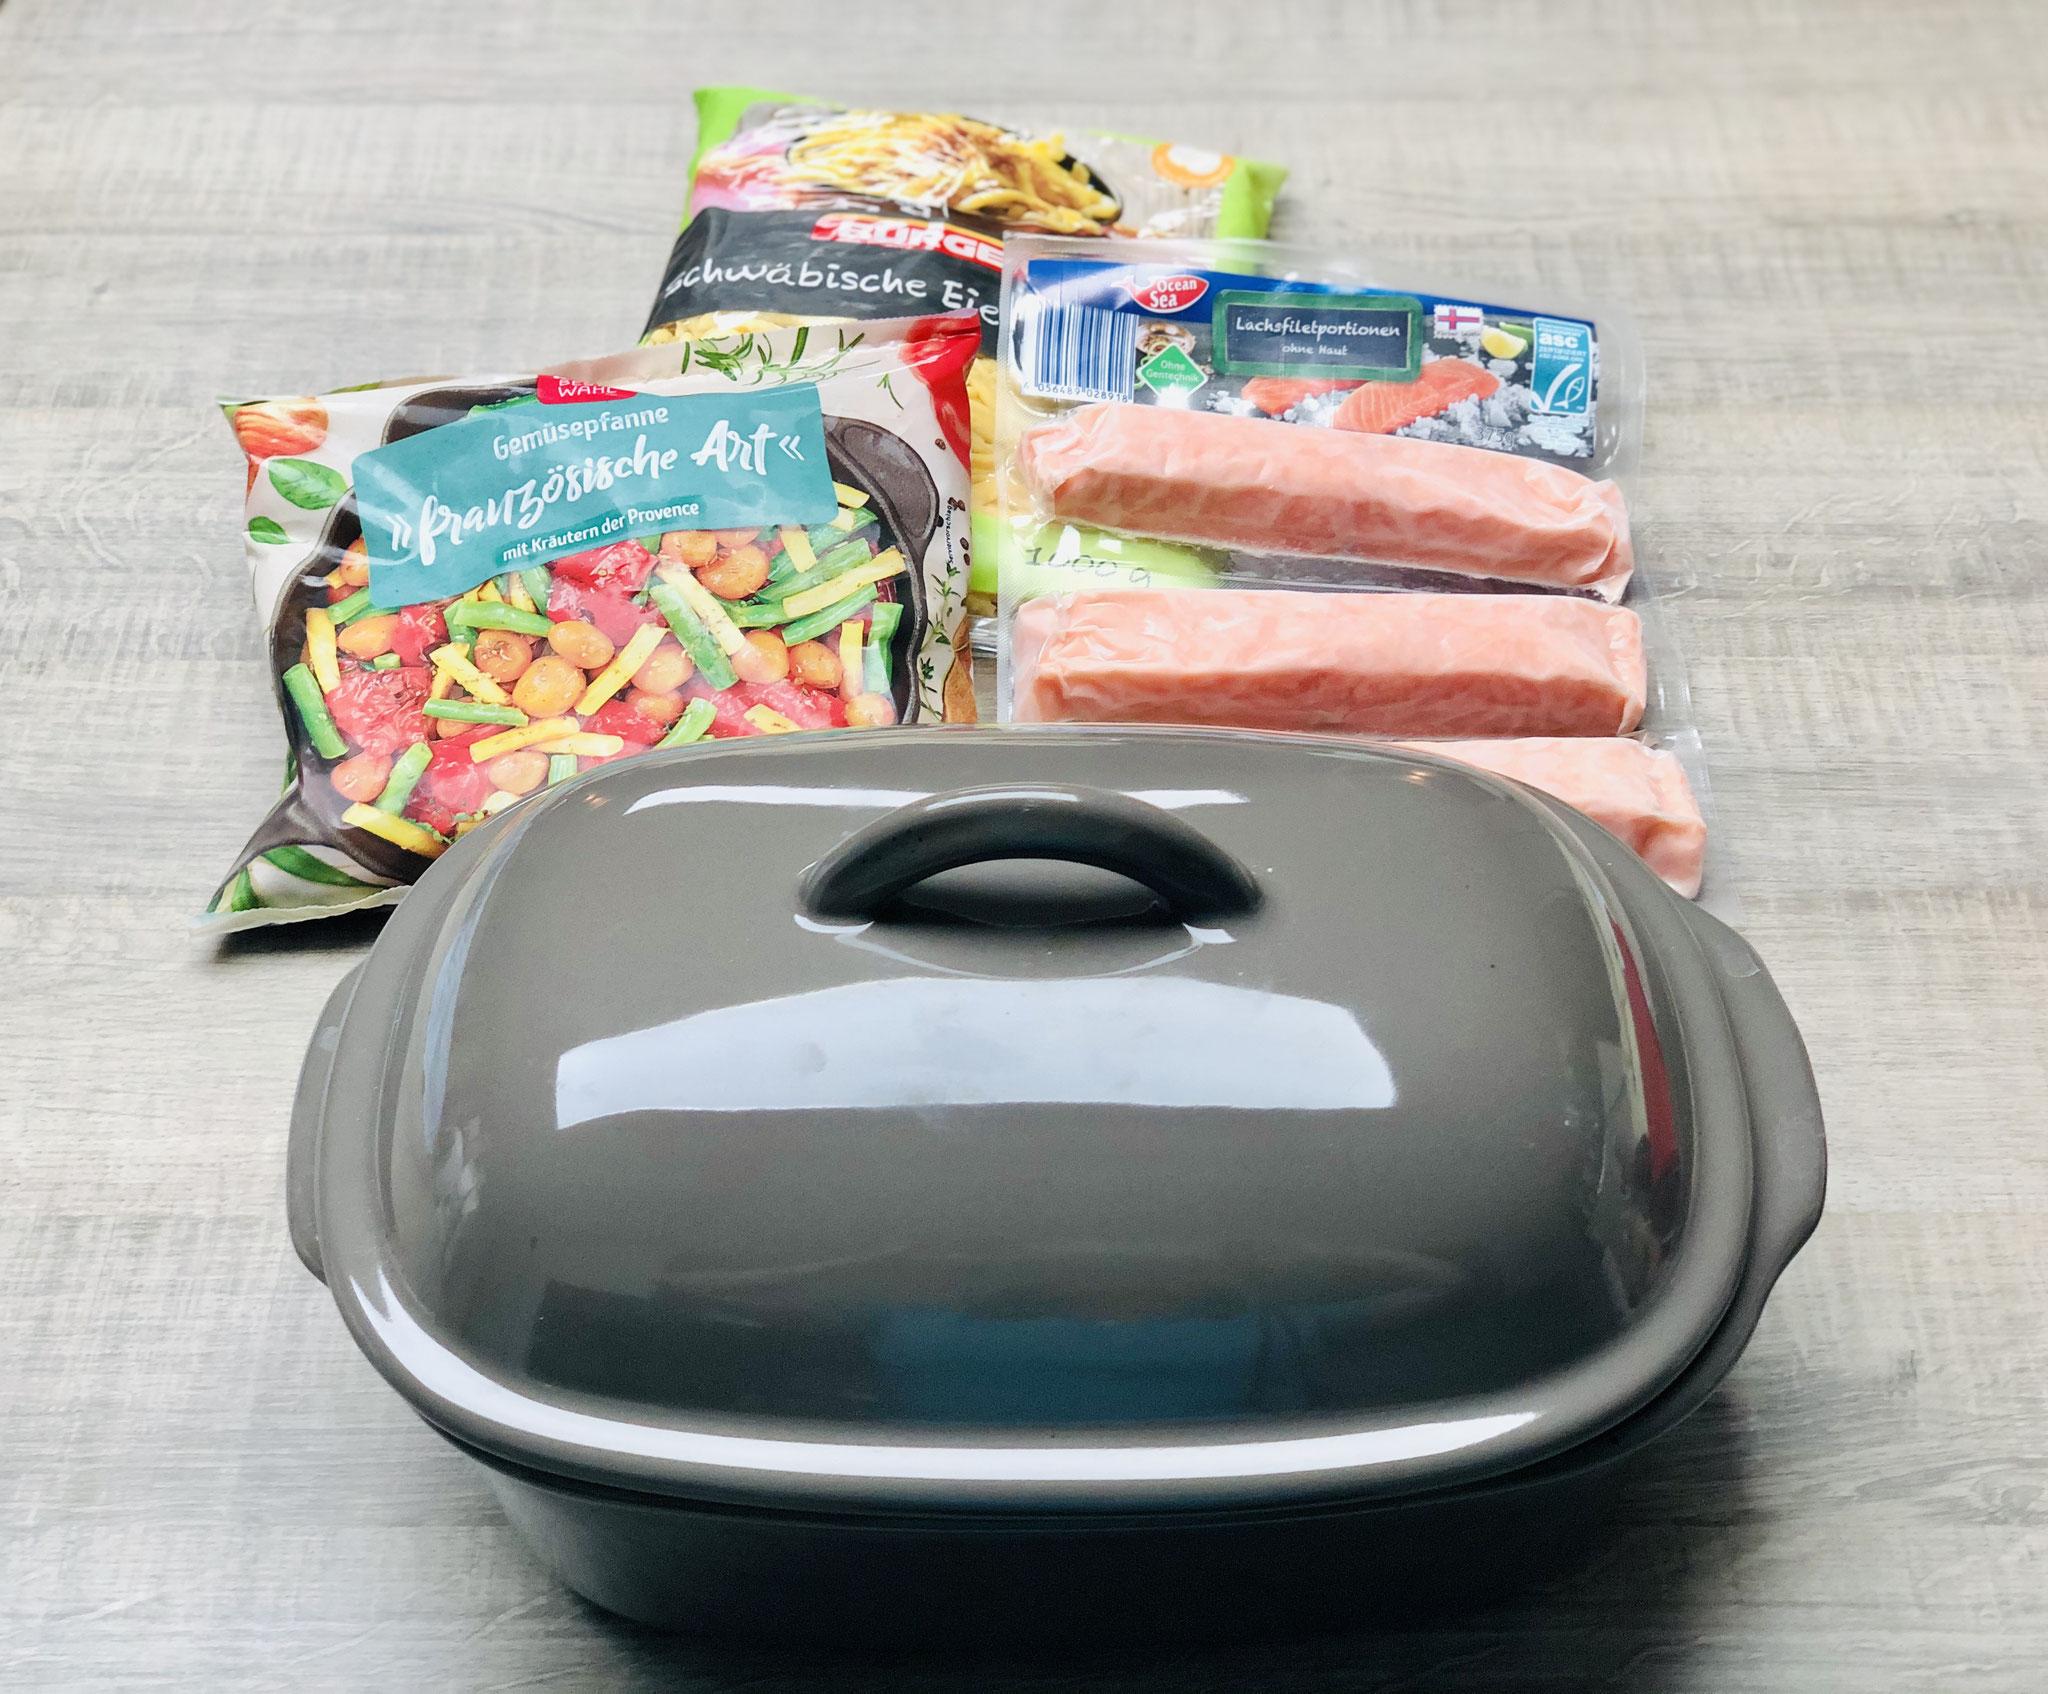 Lasse den Lachs und das Gemüse leicht antauen. Wichtig ist bei diesem Gericht, dass der Ofenmeister in den kalten Backofen eingeschoben wird.